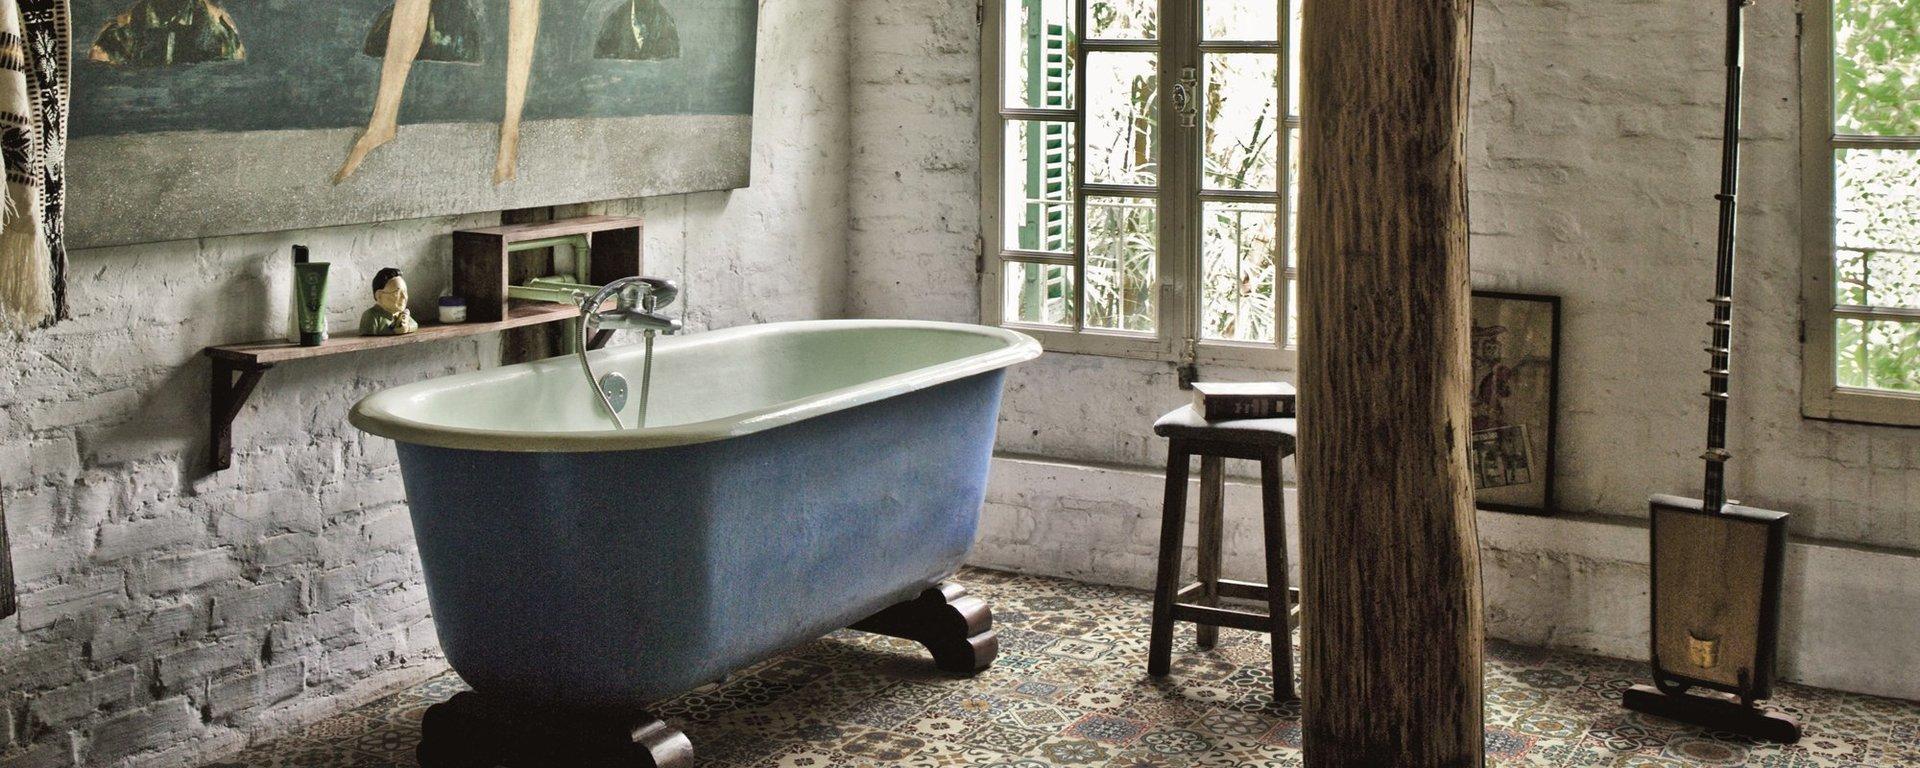 Pavimenti in legno gavardo bs mercato edile - Cuffie da bagno vintage ...